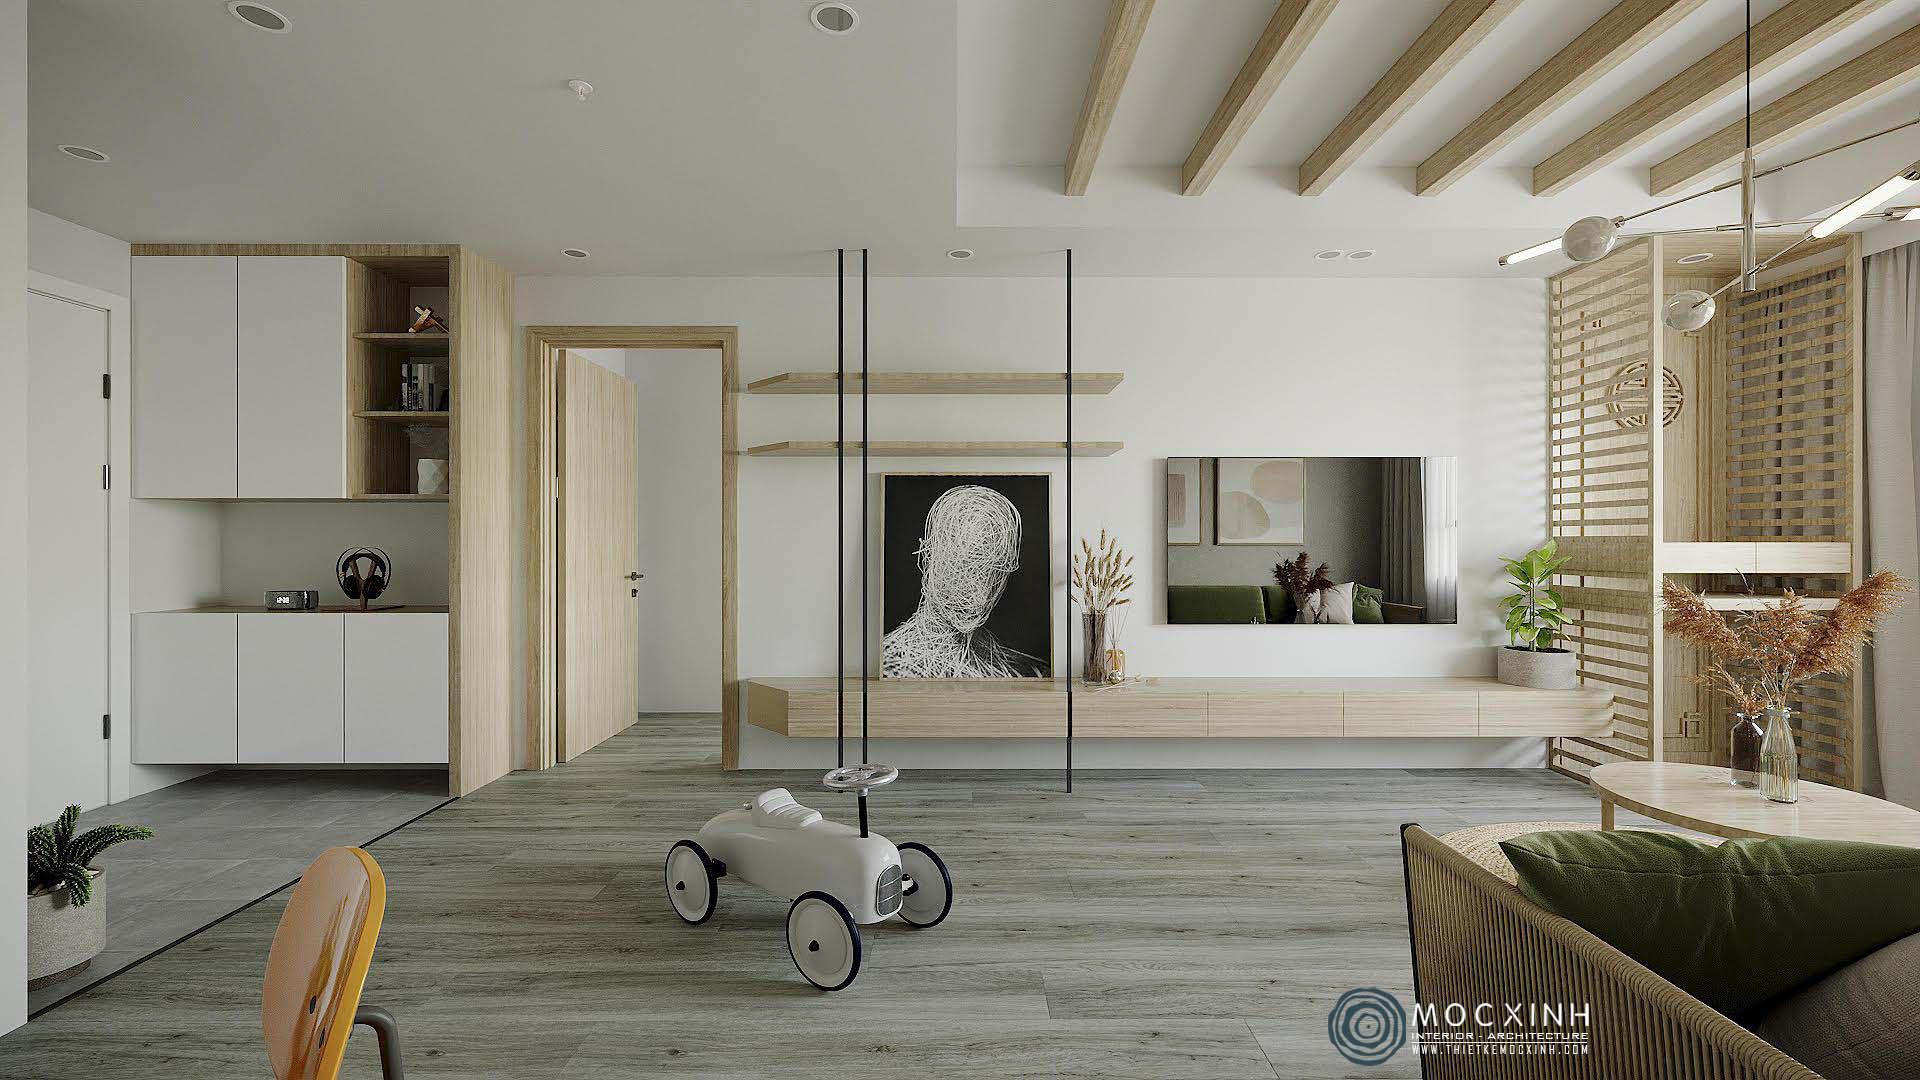 Những ý tưởng độc đáo cho thiết kế nội thất căn hộ chung cư hiện đại đẹp nhất - Ảnh 3.